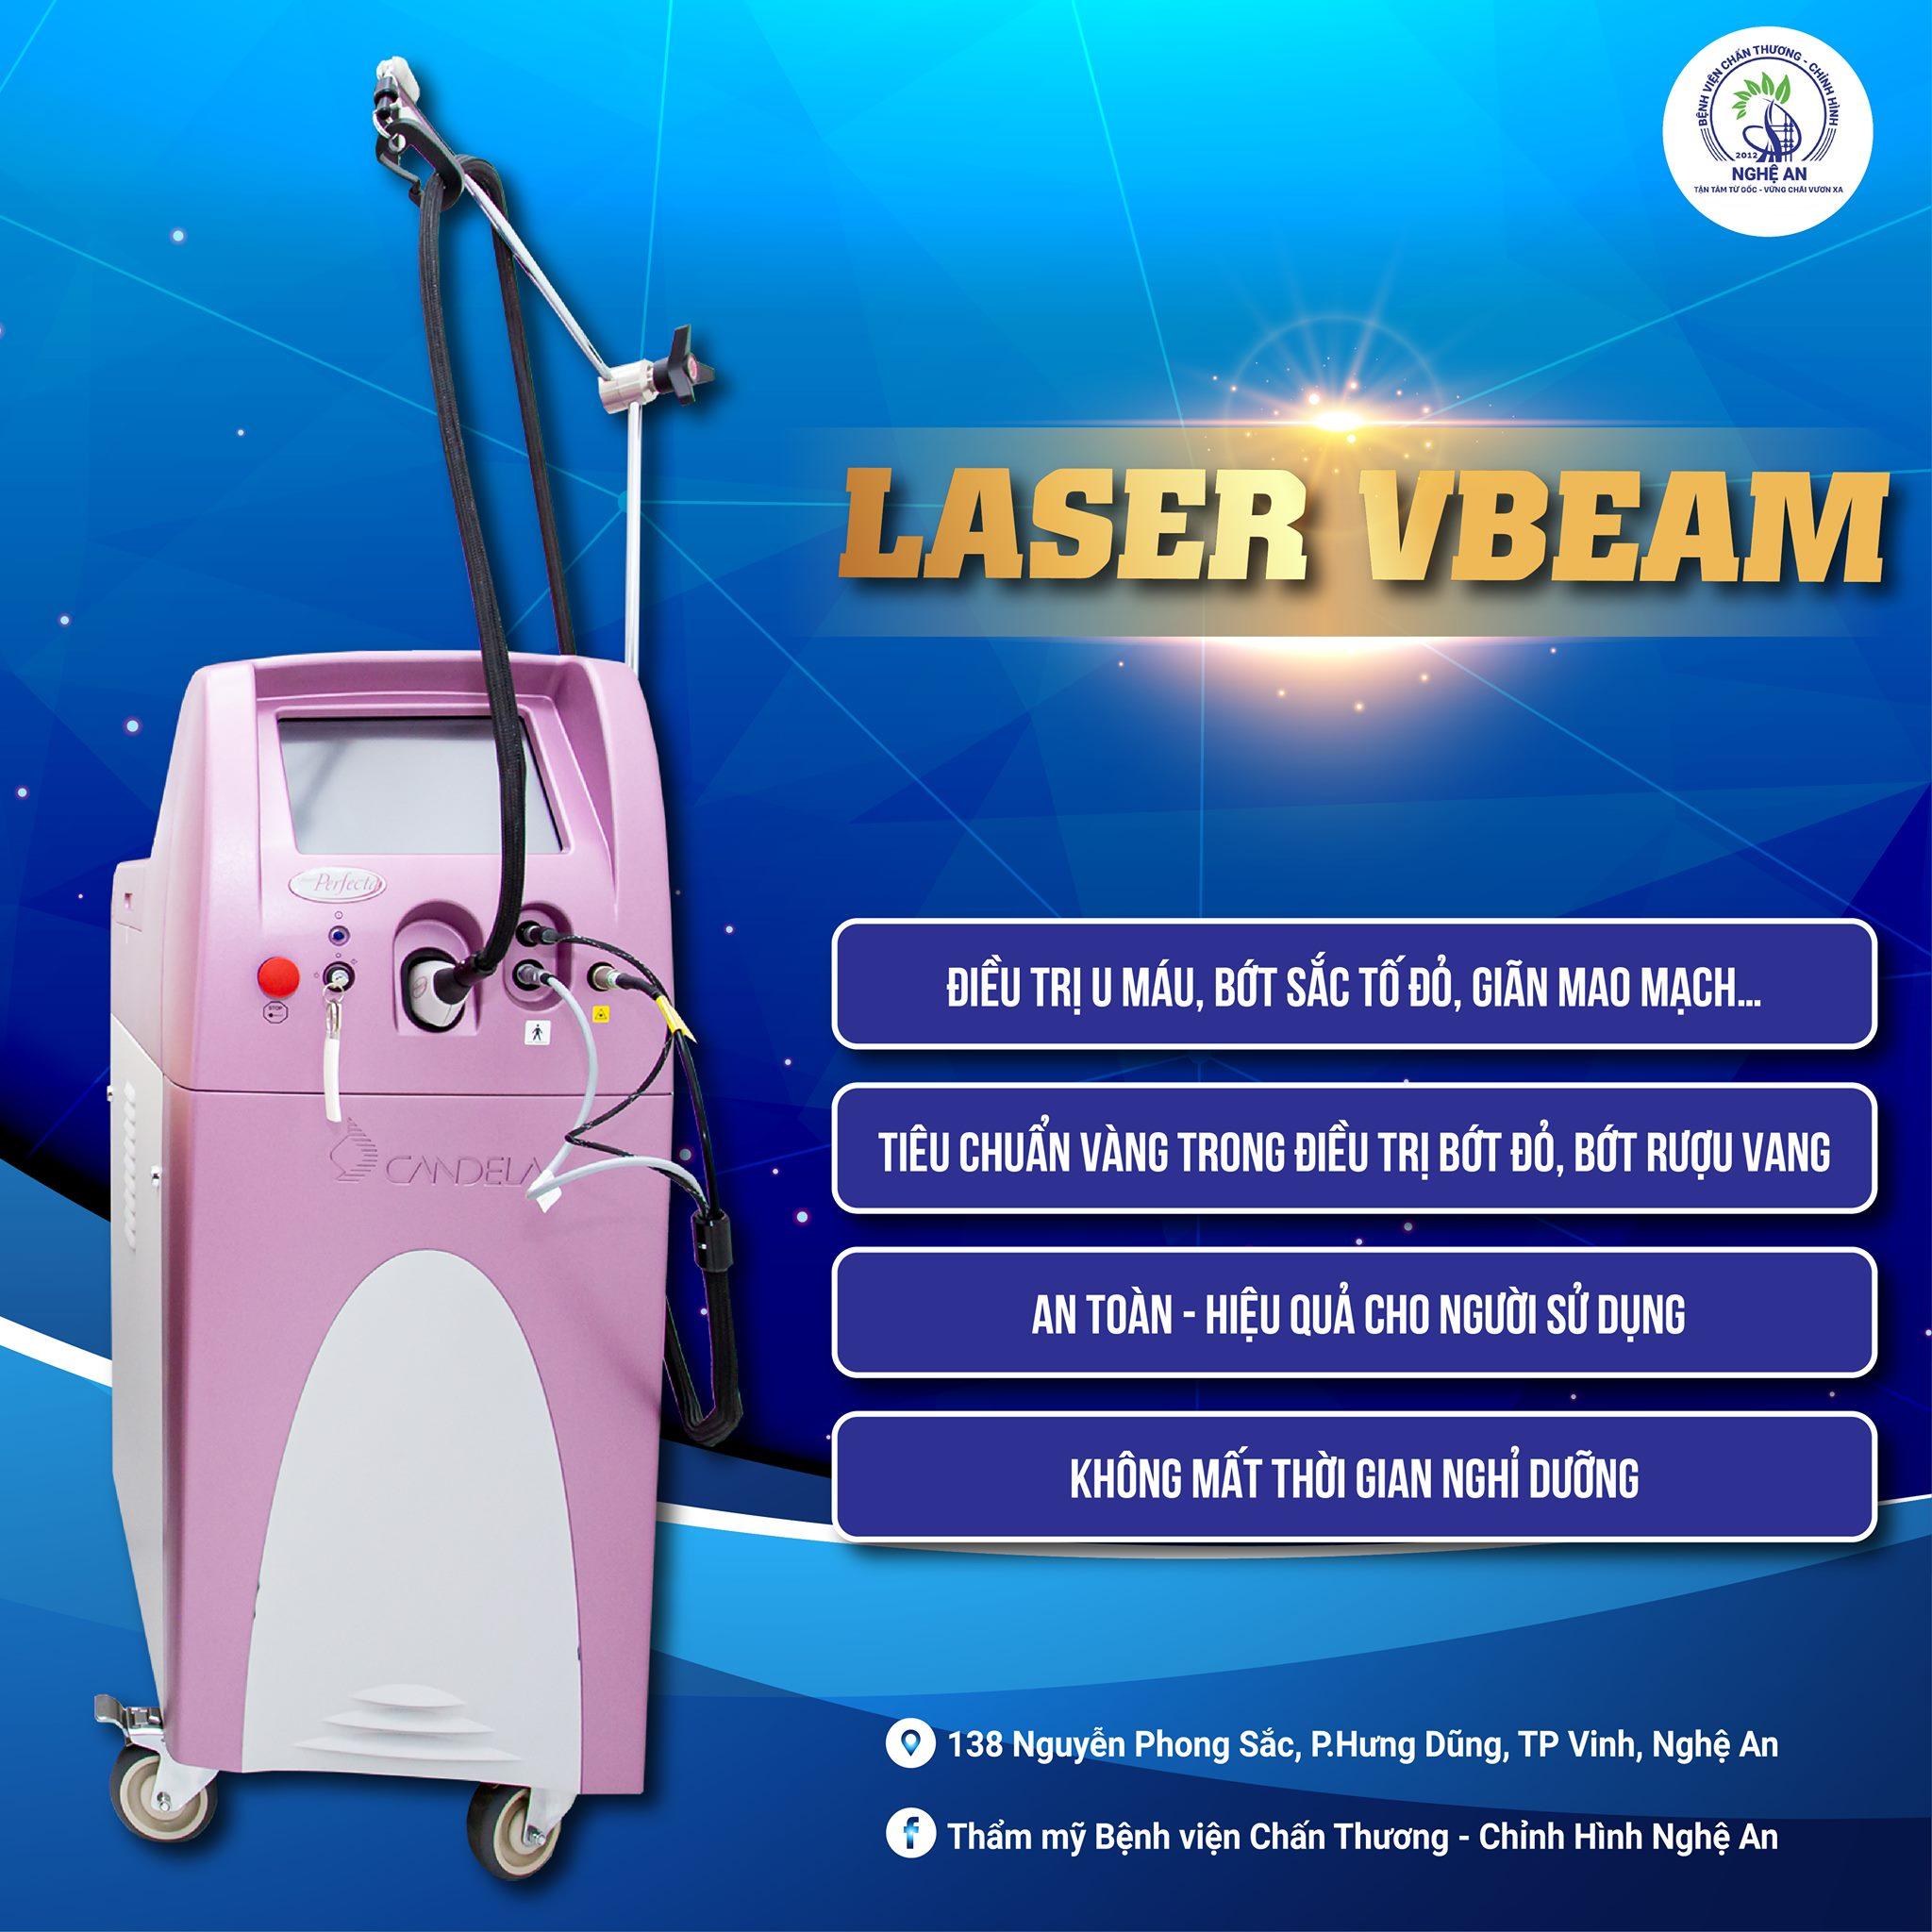 Công nghệ Laser Vbeam trong điều trị bớt rượu vang, u máu, bớt máu.